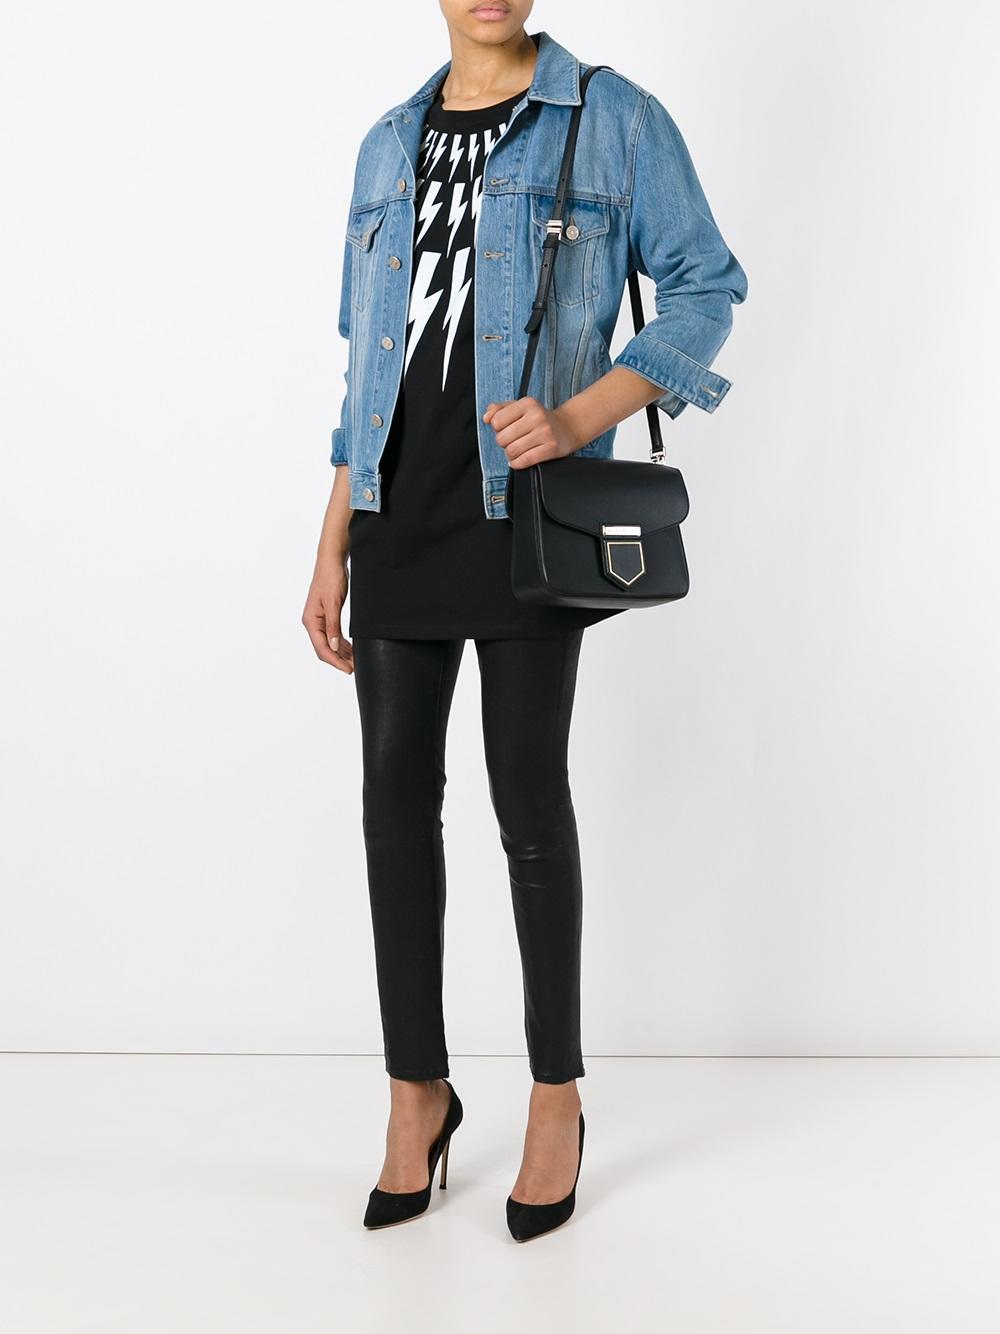 374e2e04bba3 Lyst - Givenchy Nobile Leather Shoulder Bag in Black